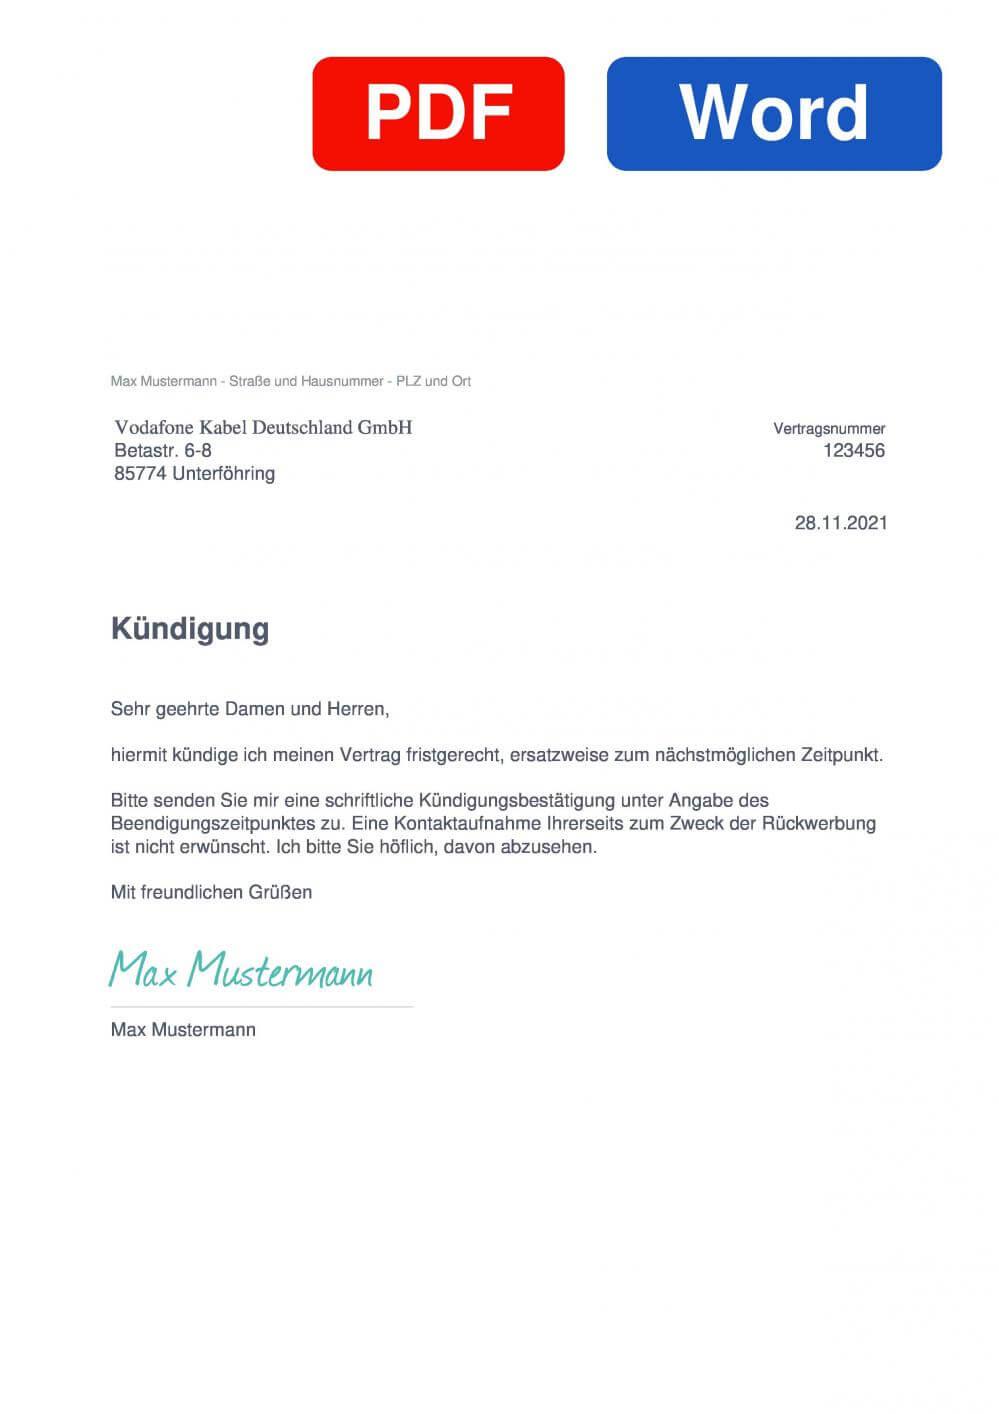 Vodafone Kabel Deutschland Internet Muster Vorlage für Kündigungsschreiben